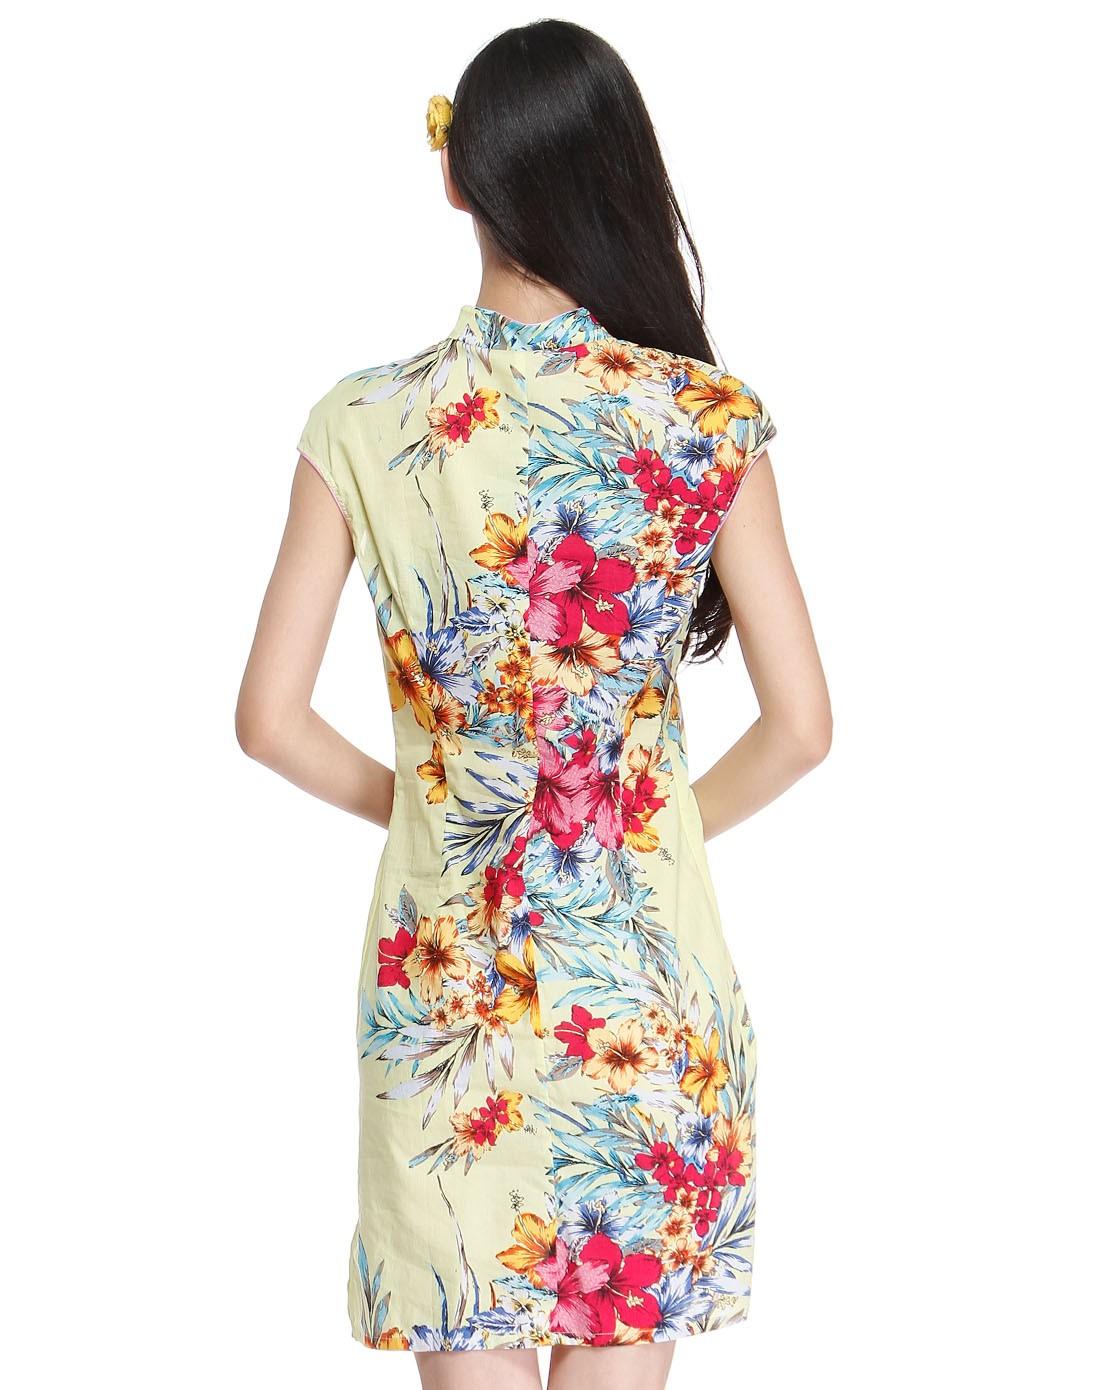 黄/多色花纹民族风盖肩袖旗袍